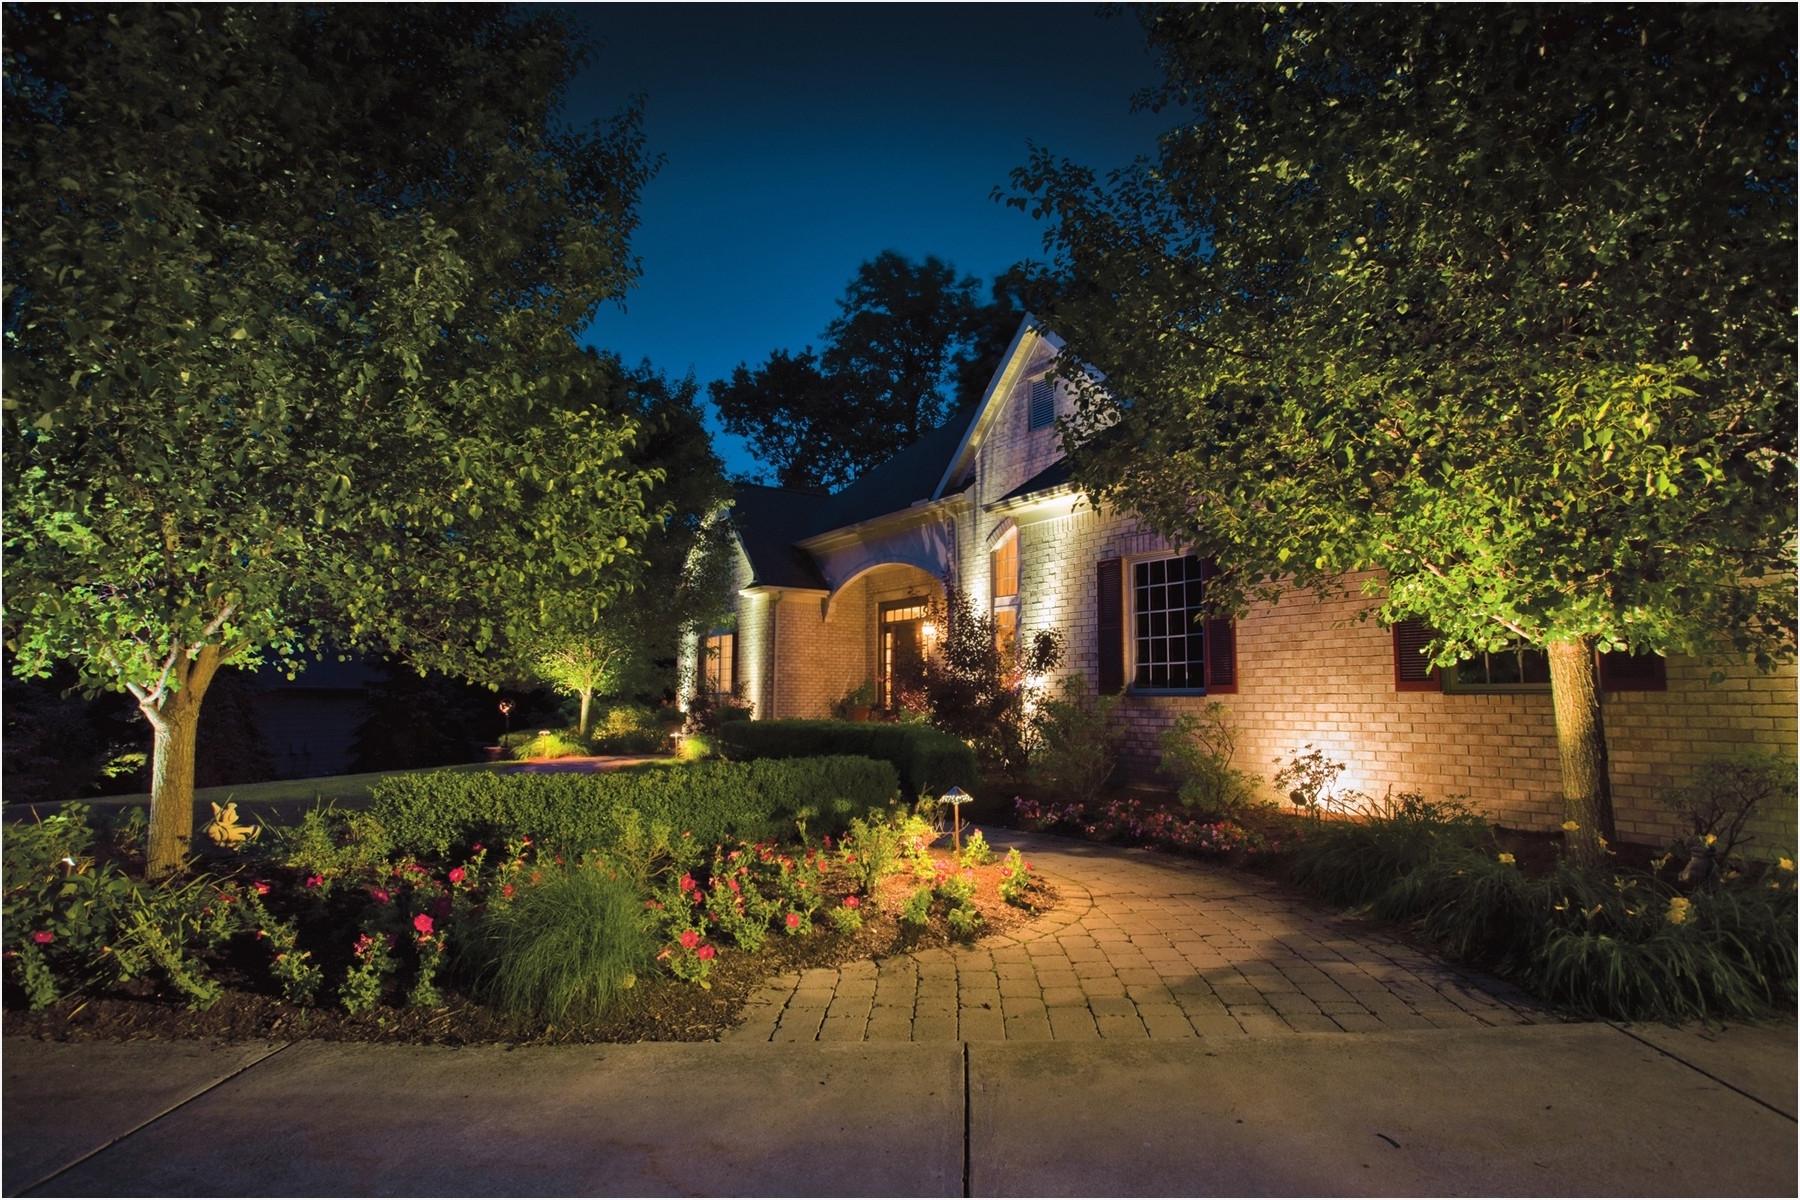 Let Outdoor Kichler Lighting Intended For Most Up To Date Kichler Lighting Landscape Impressive Design » Erikbel Tranart (View 9 of 20)